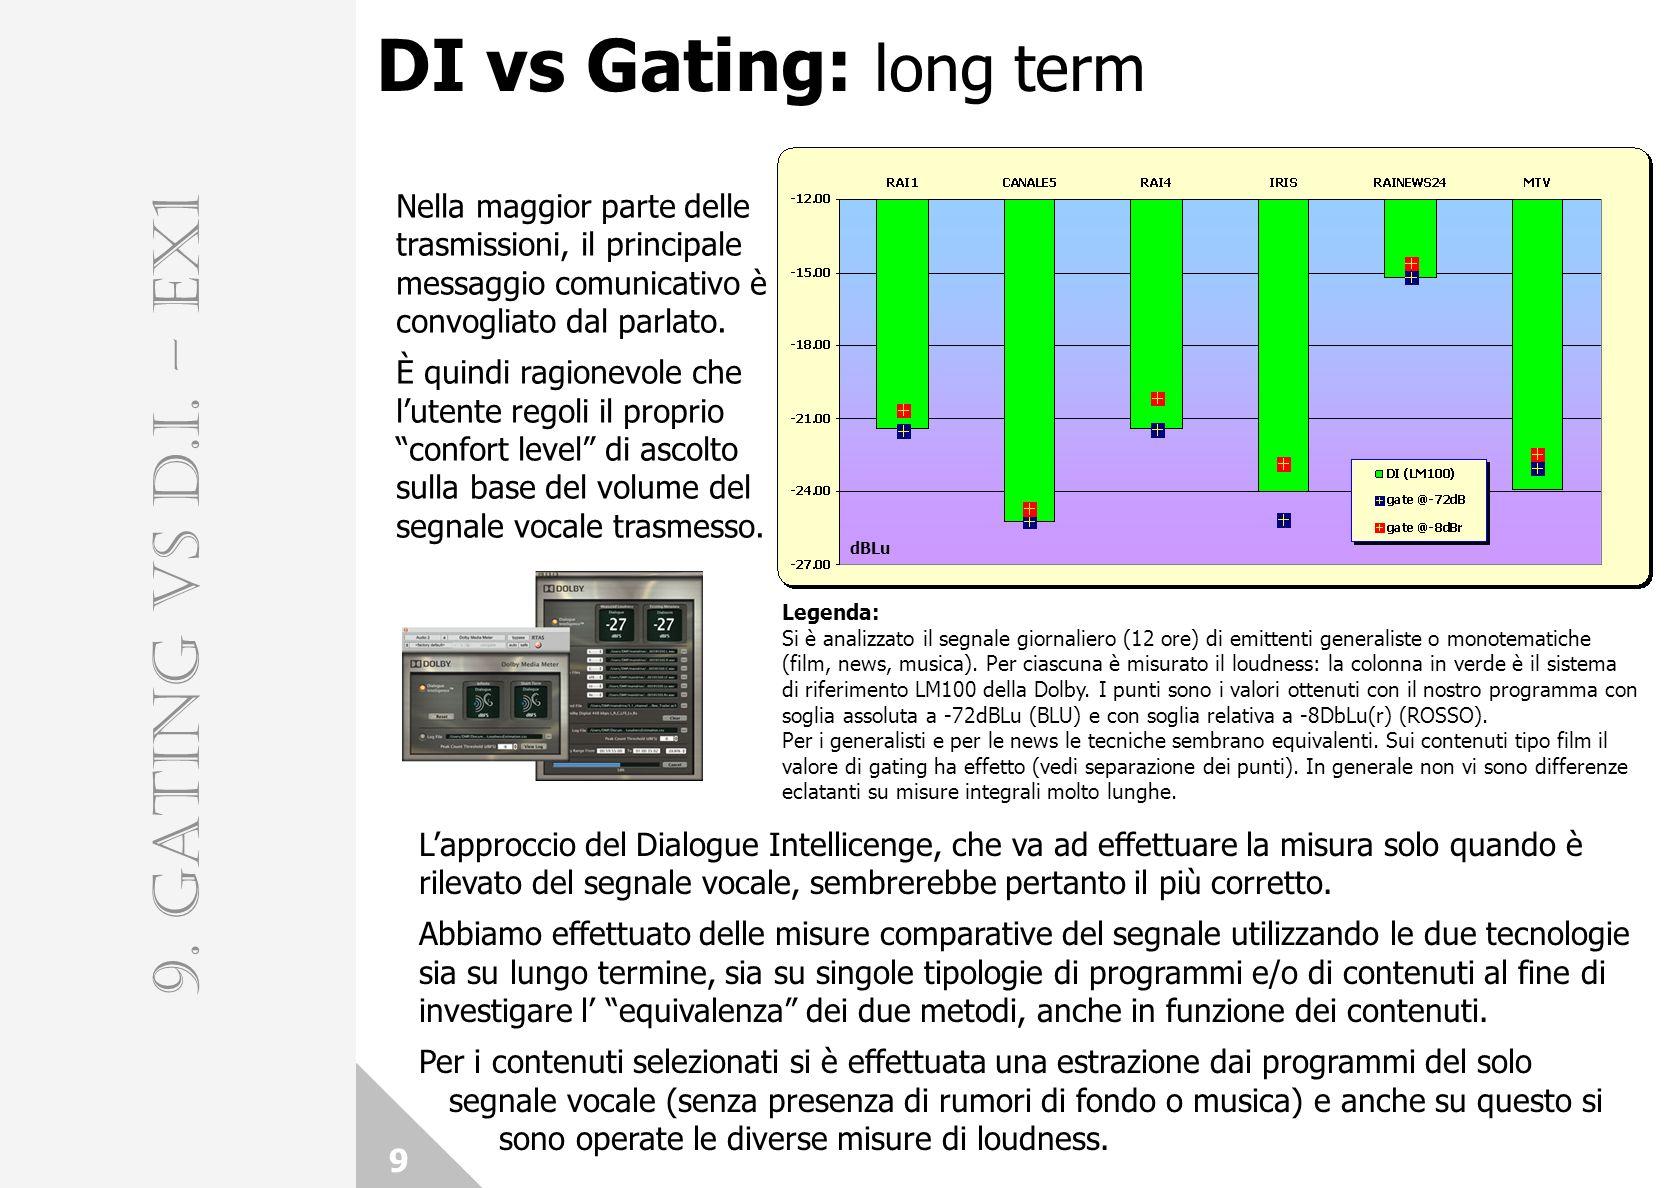 DI vs Gating: film, fiction e talk-show 10 10.GATING vs D.I.